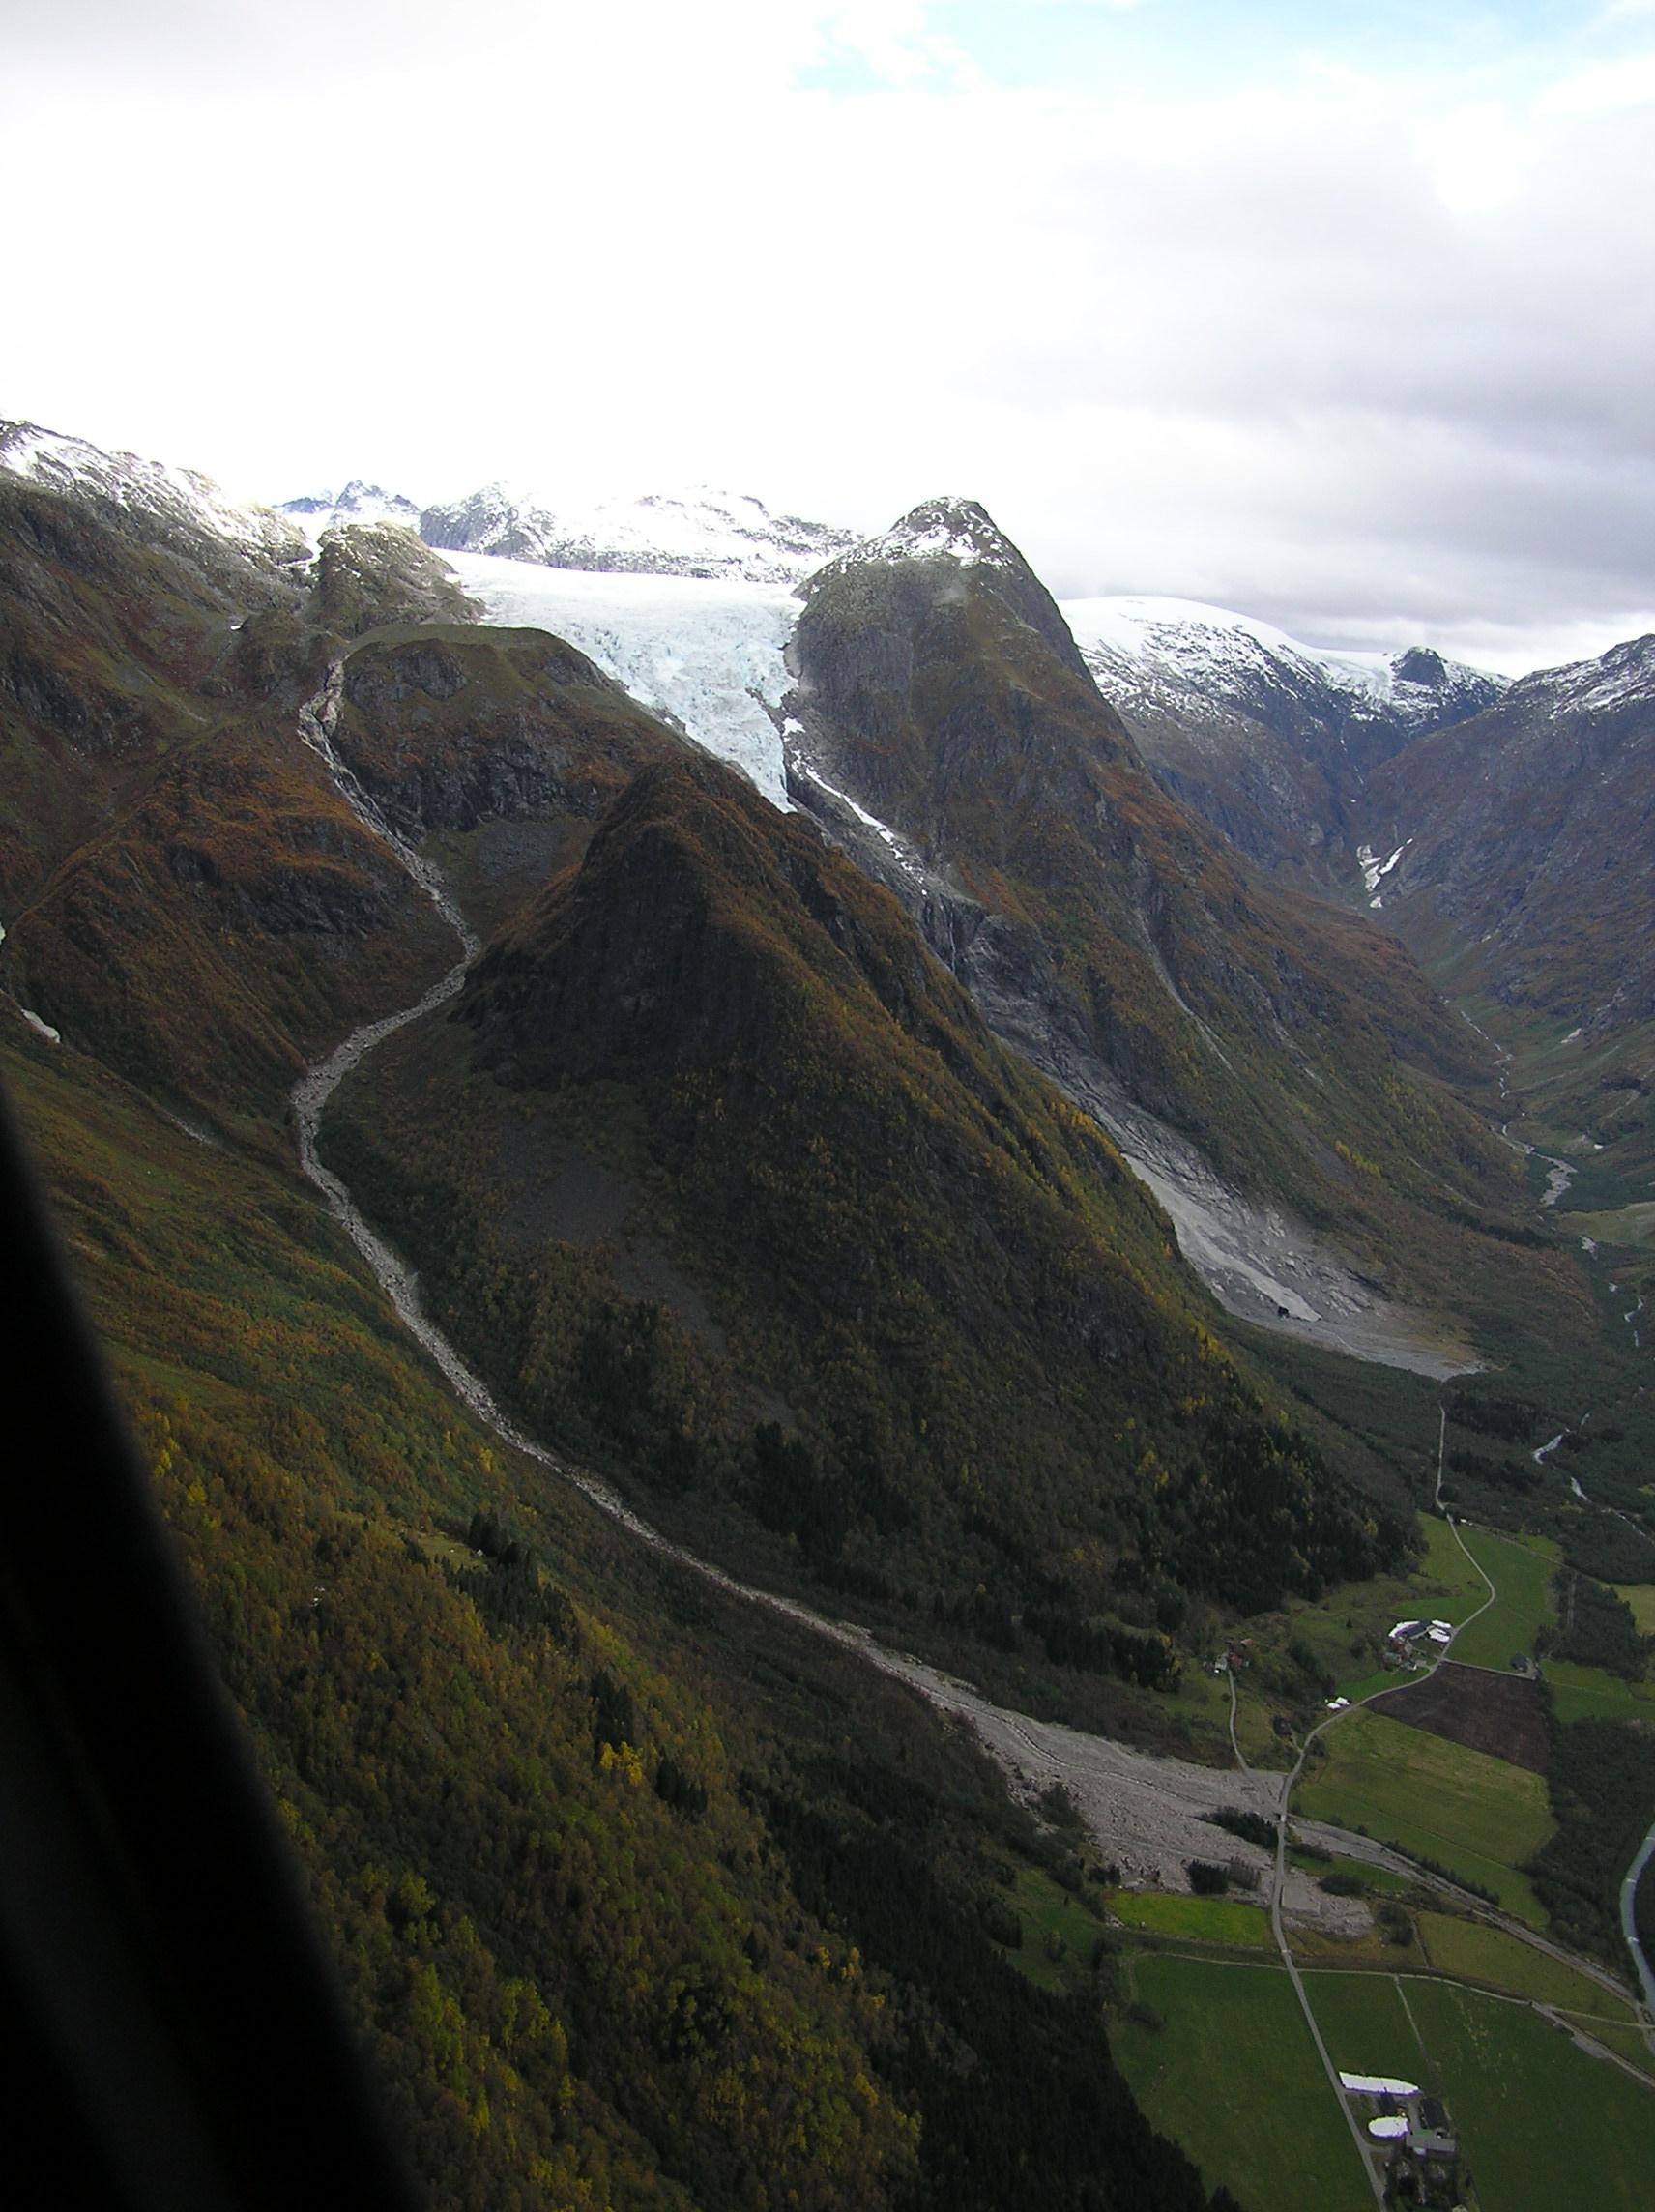 Skredløpet i 2007. Foto: Anders Elverhøi, UiO.